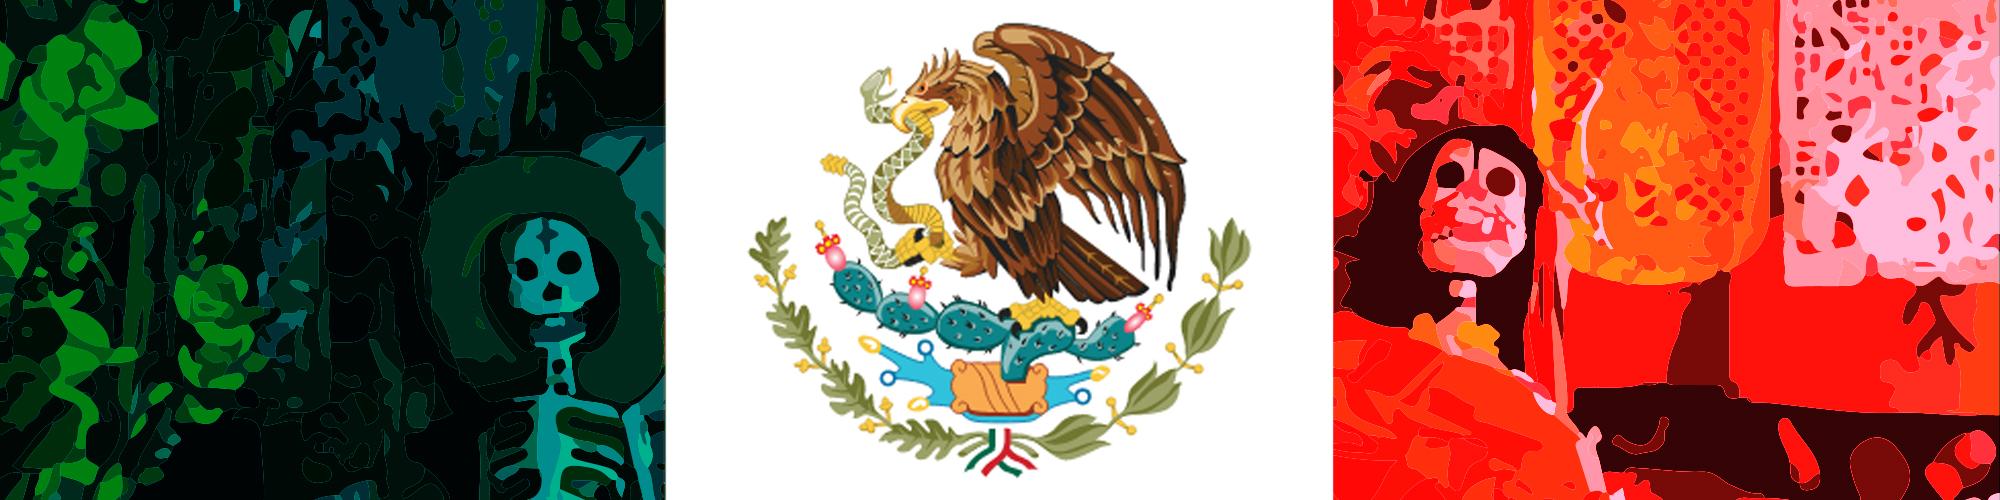 Participe da palestra gratuita México Sagrado Días de Muertos e saiba mais sobre a cultura e as tradições do país